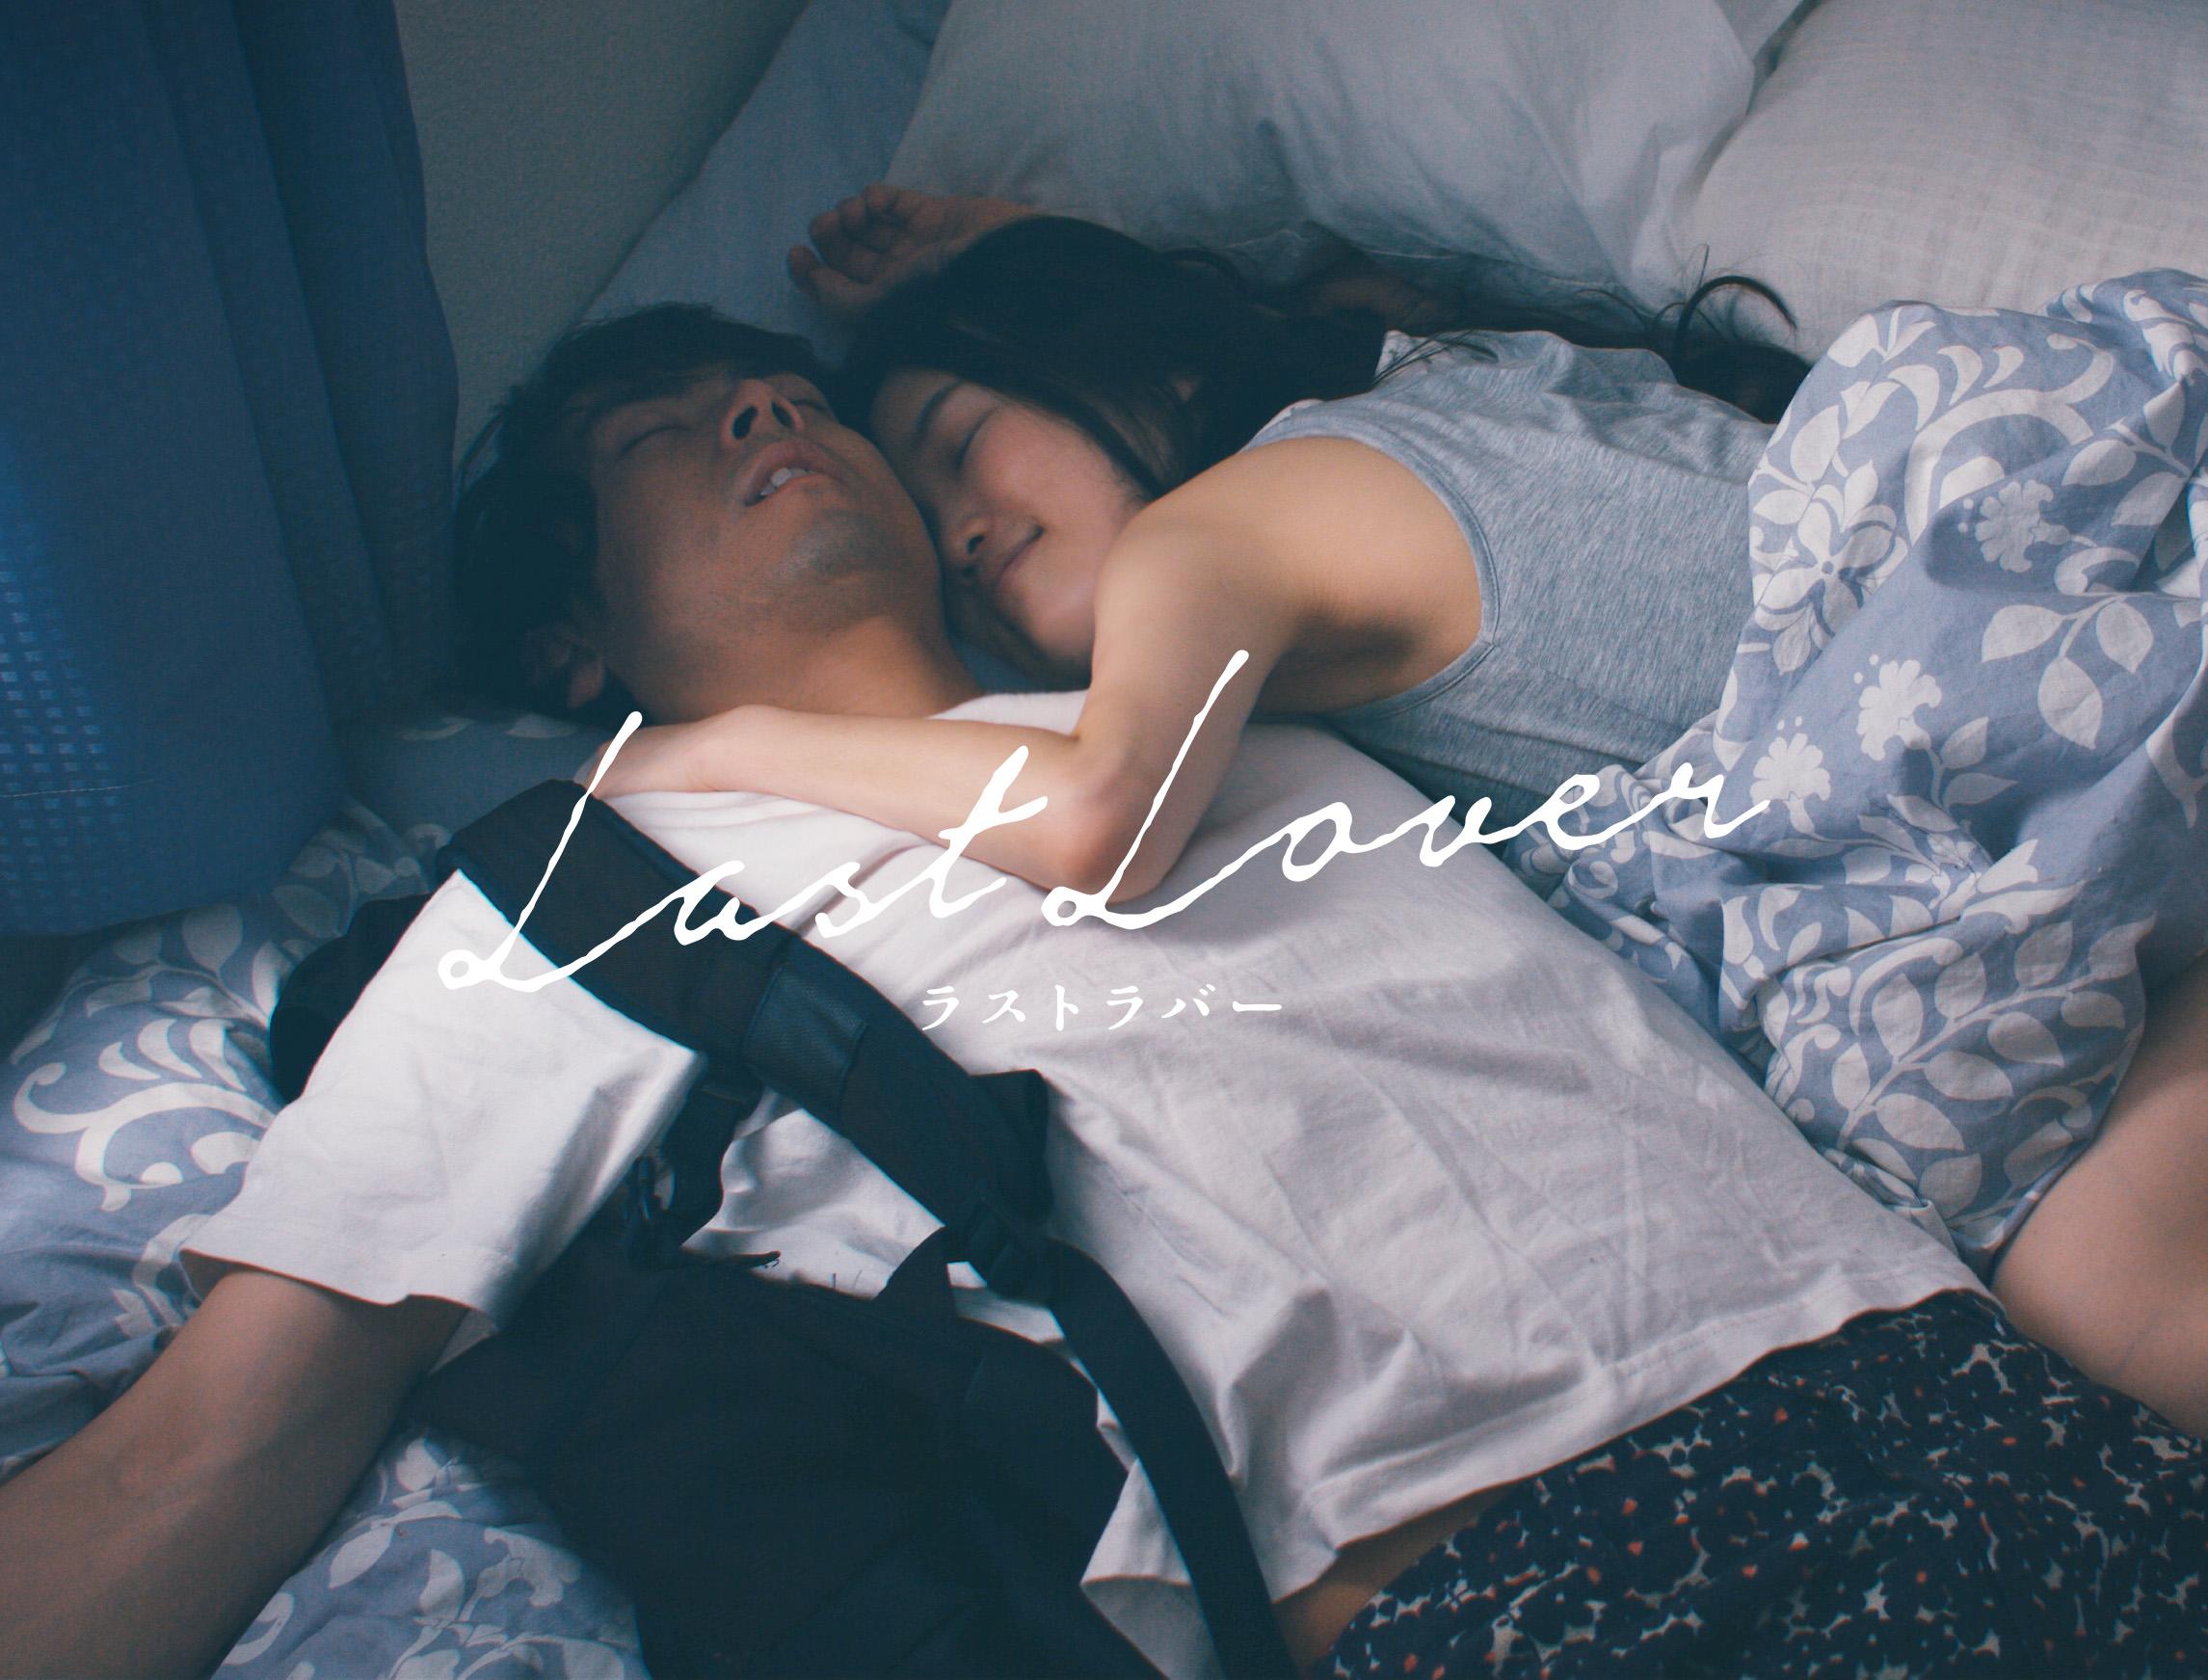 【長編映画】「Last Lover」(2019/109min)